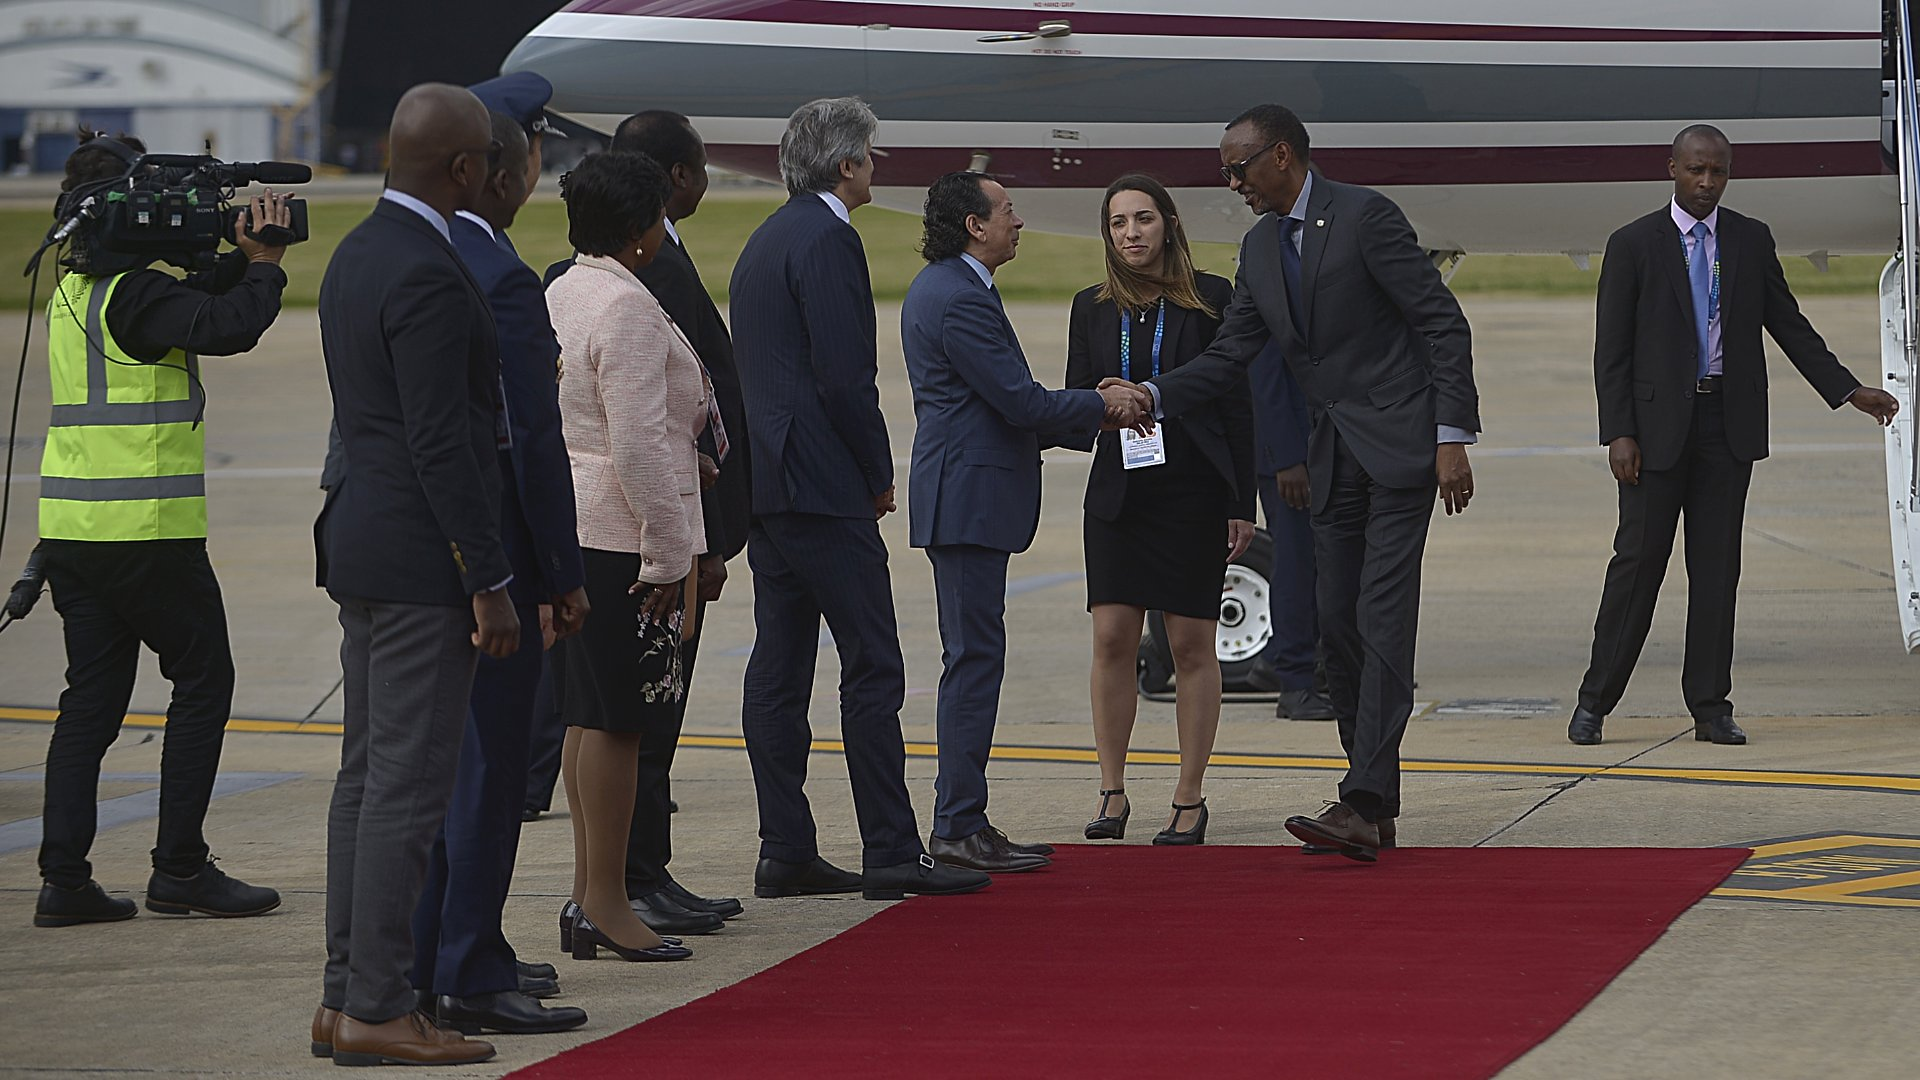 El ministro Dante Sica recibe al mandatario de Ruanda en Aeroparque